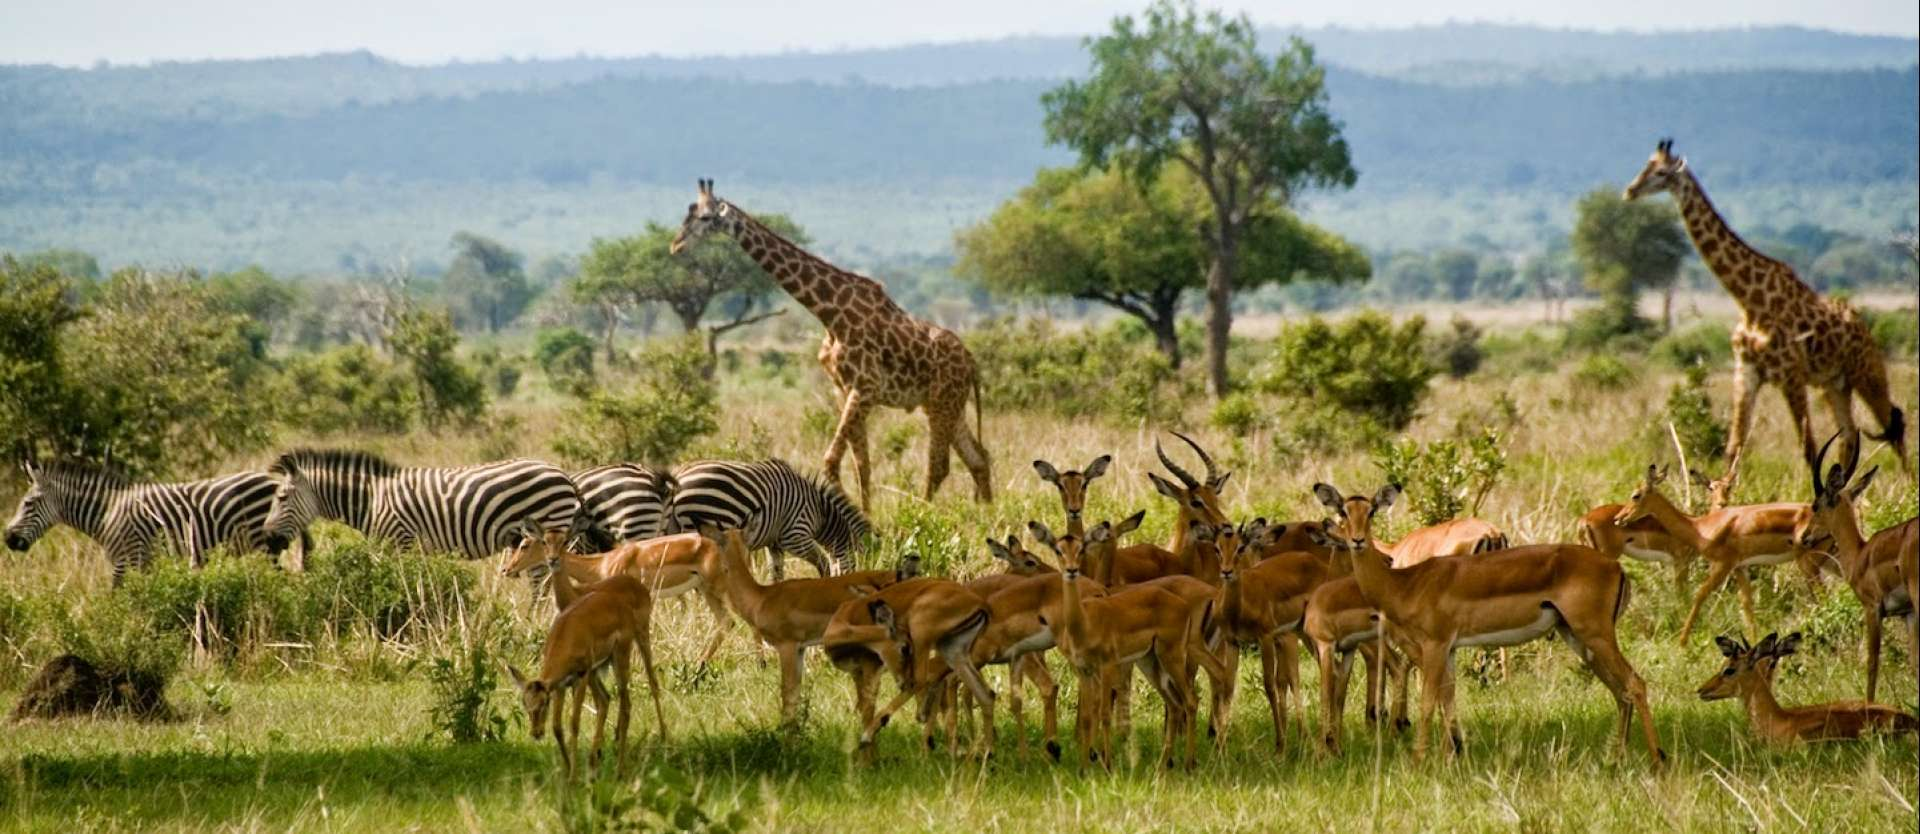 Mikumi - Africa Wildlife Safaris